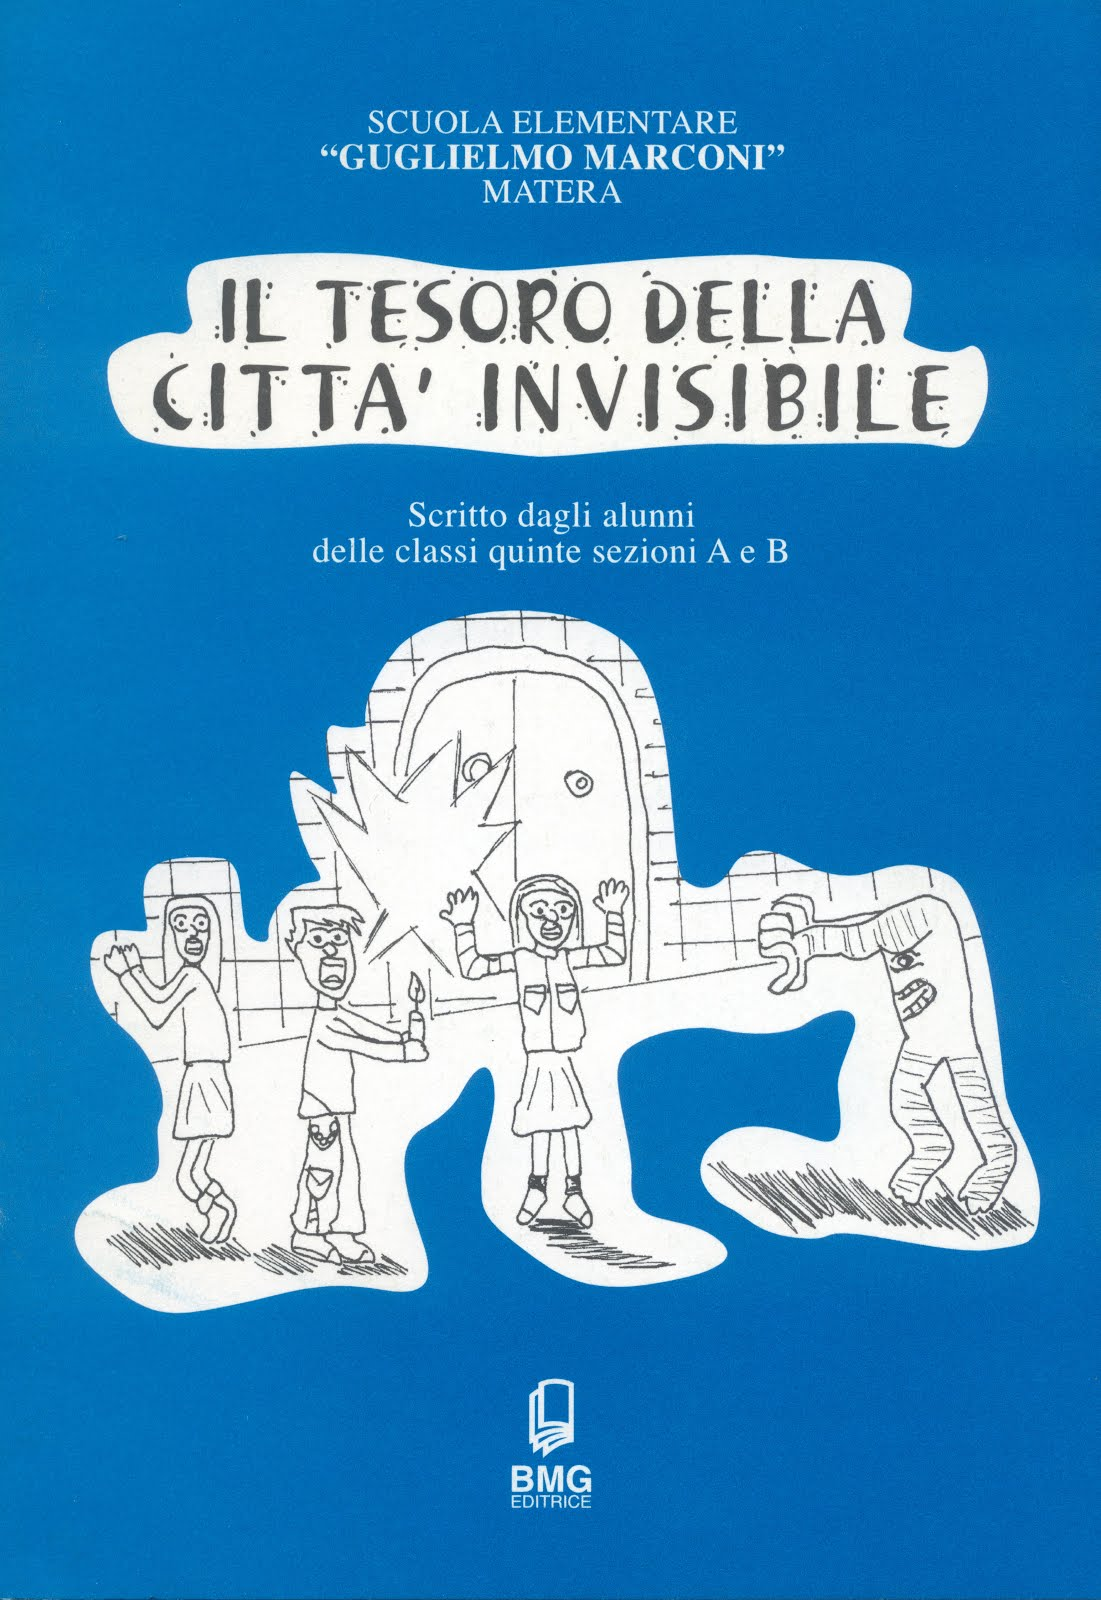 Il tesoro della città invisibile